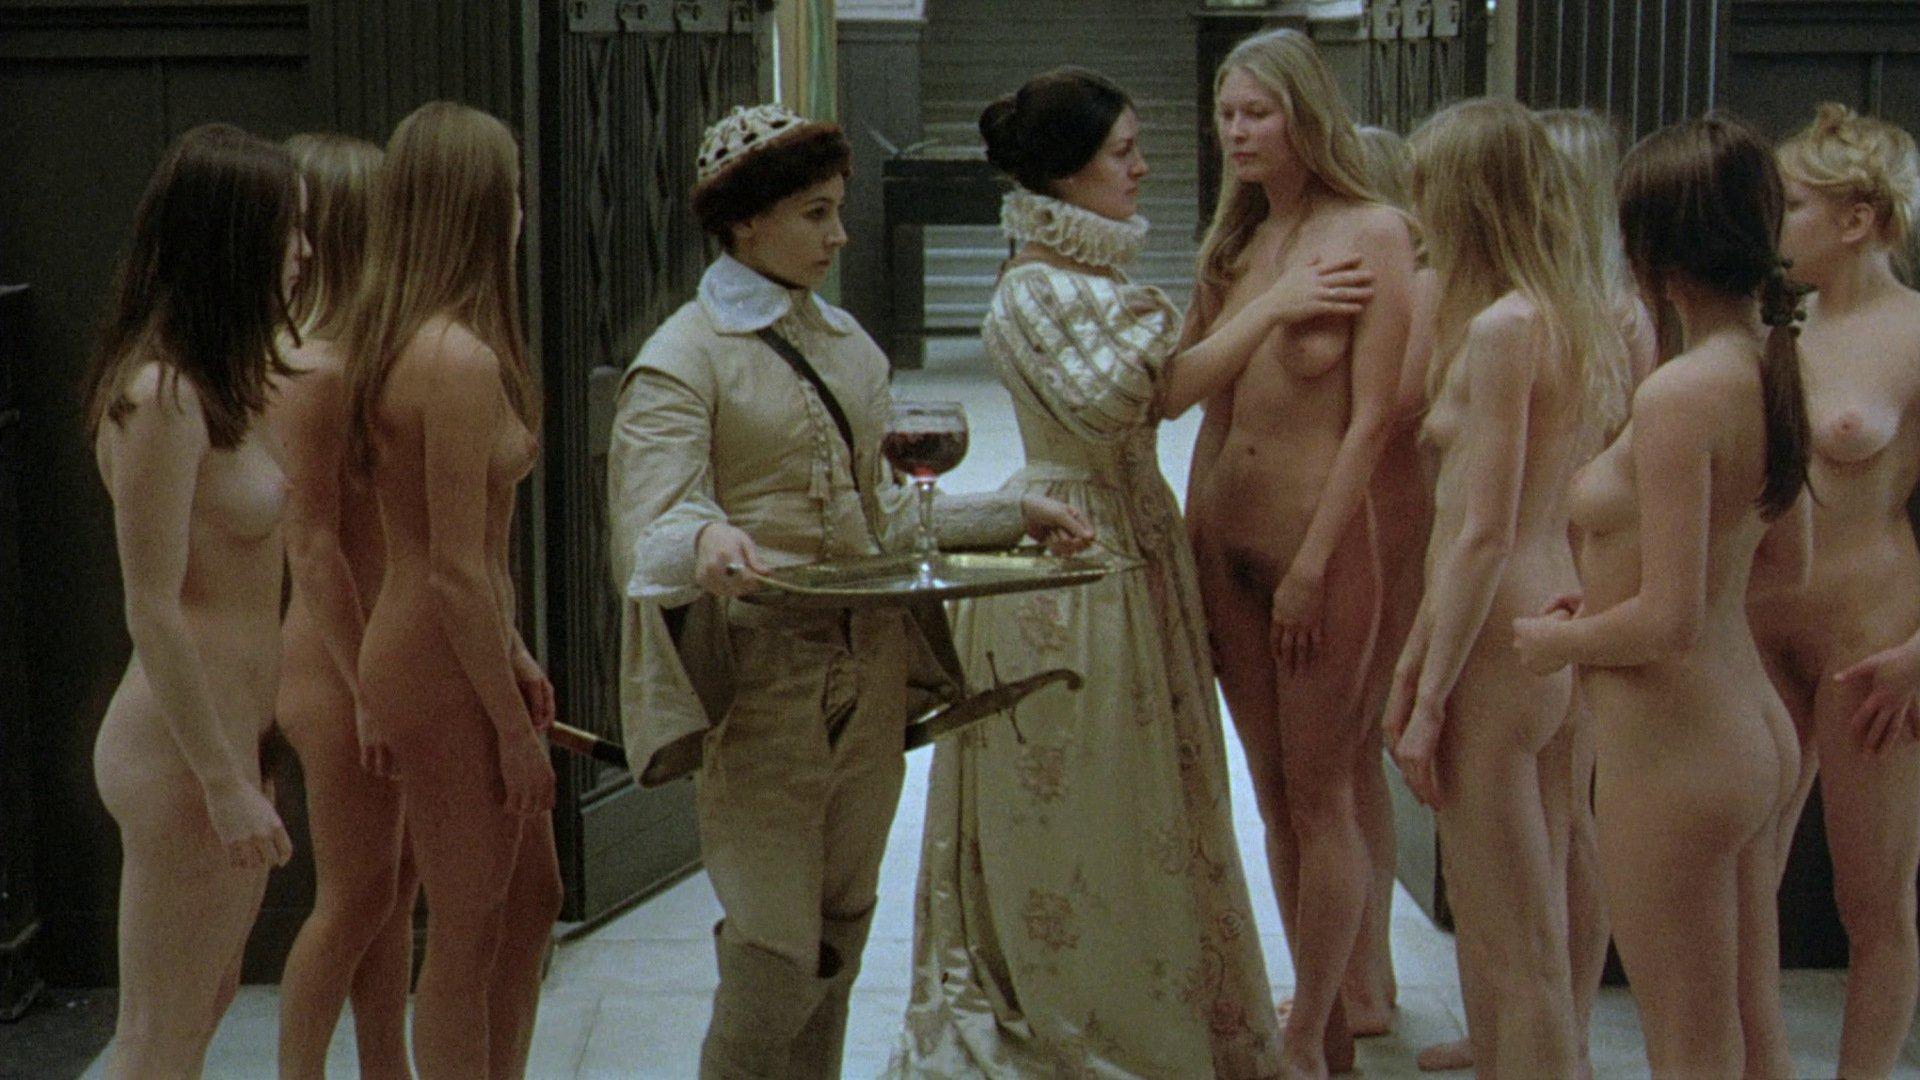 Фильм про голых женщин — img 15